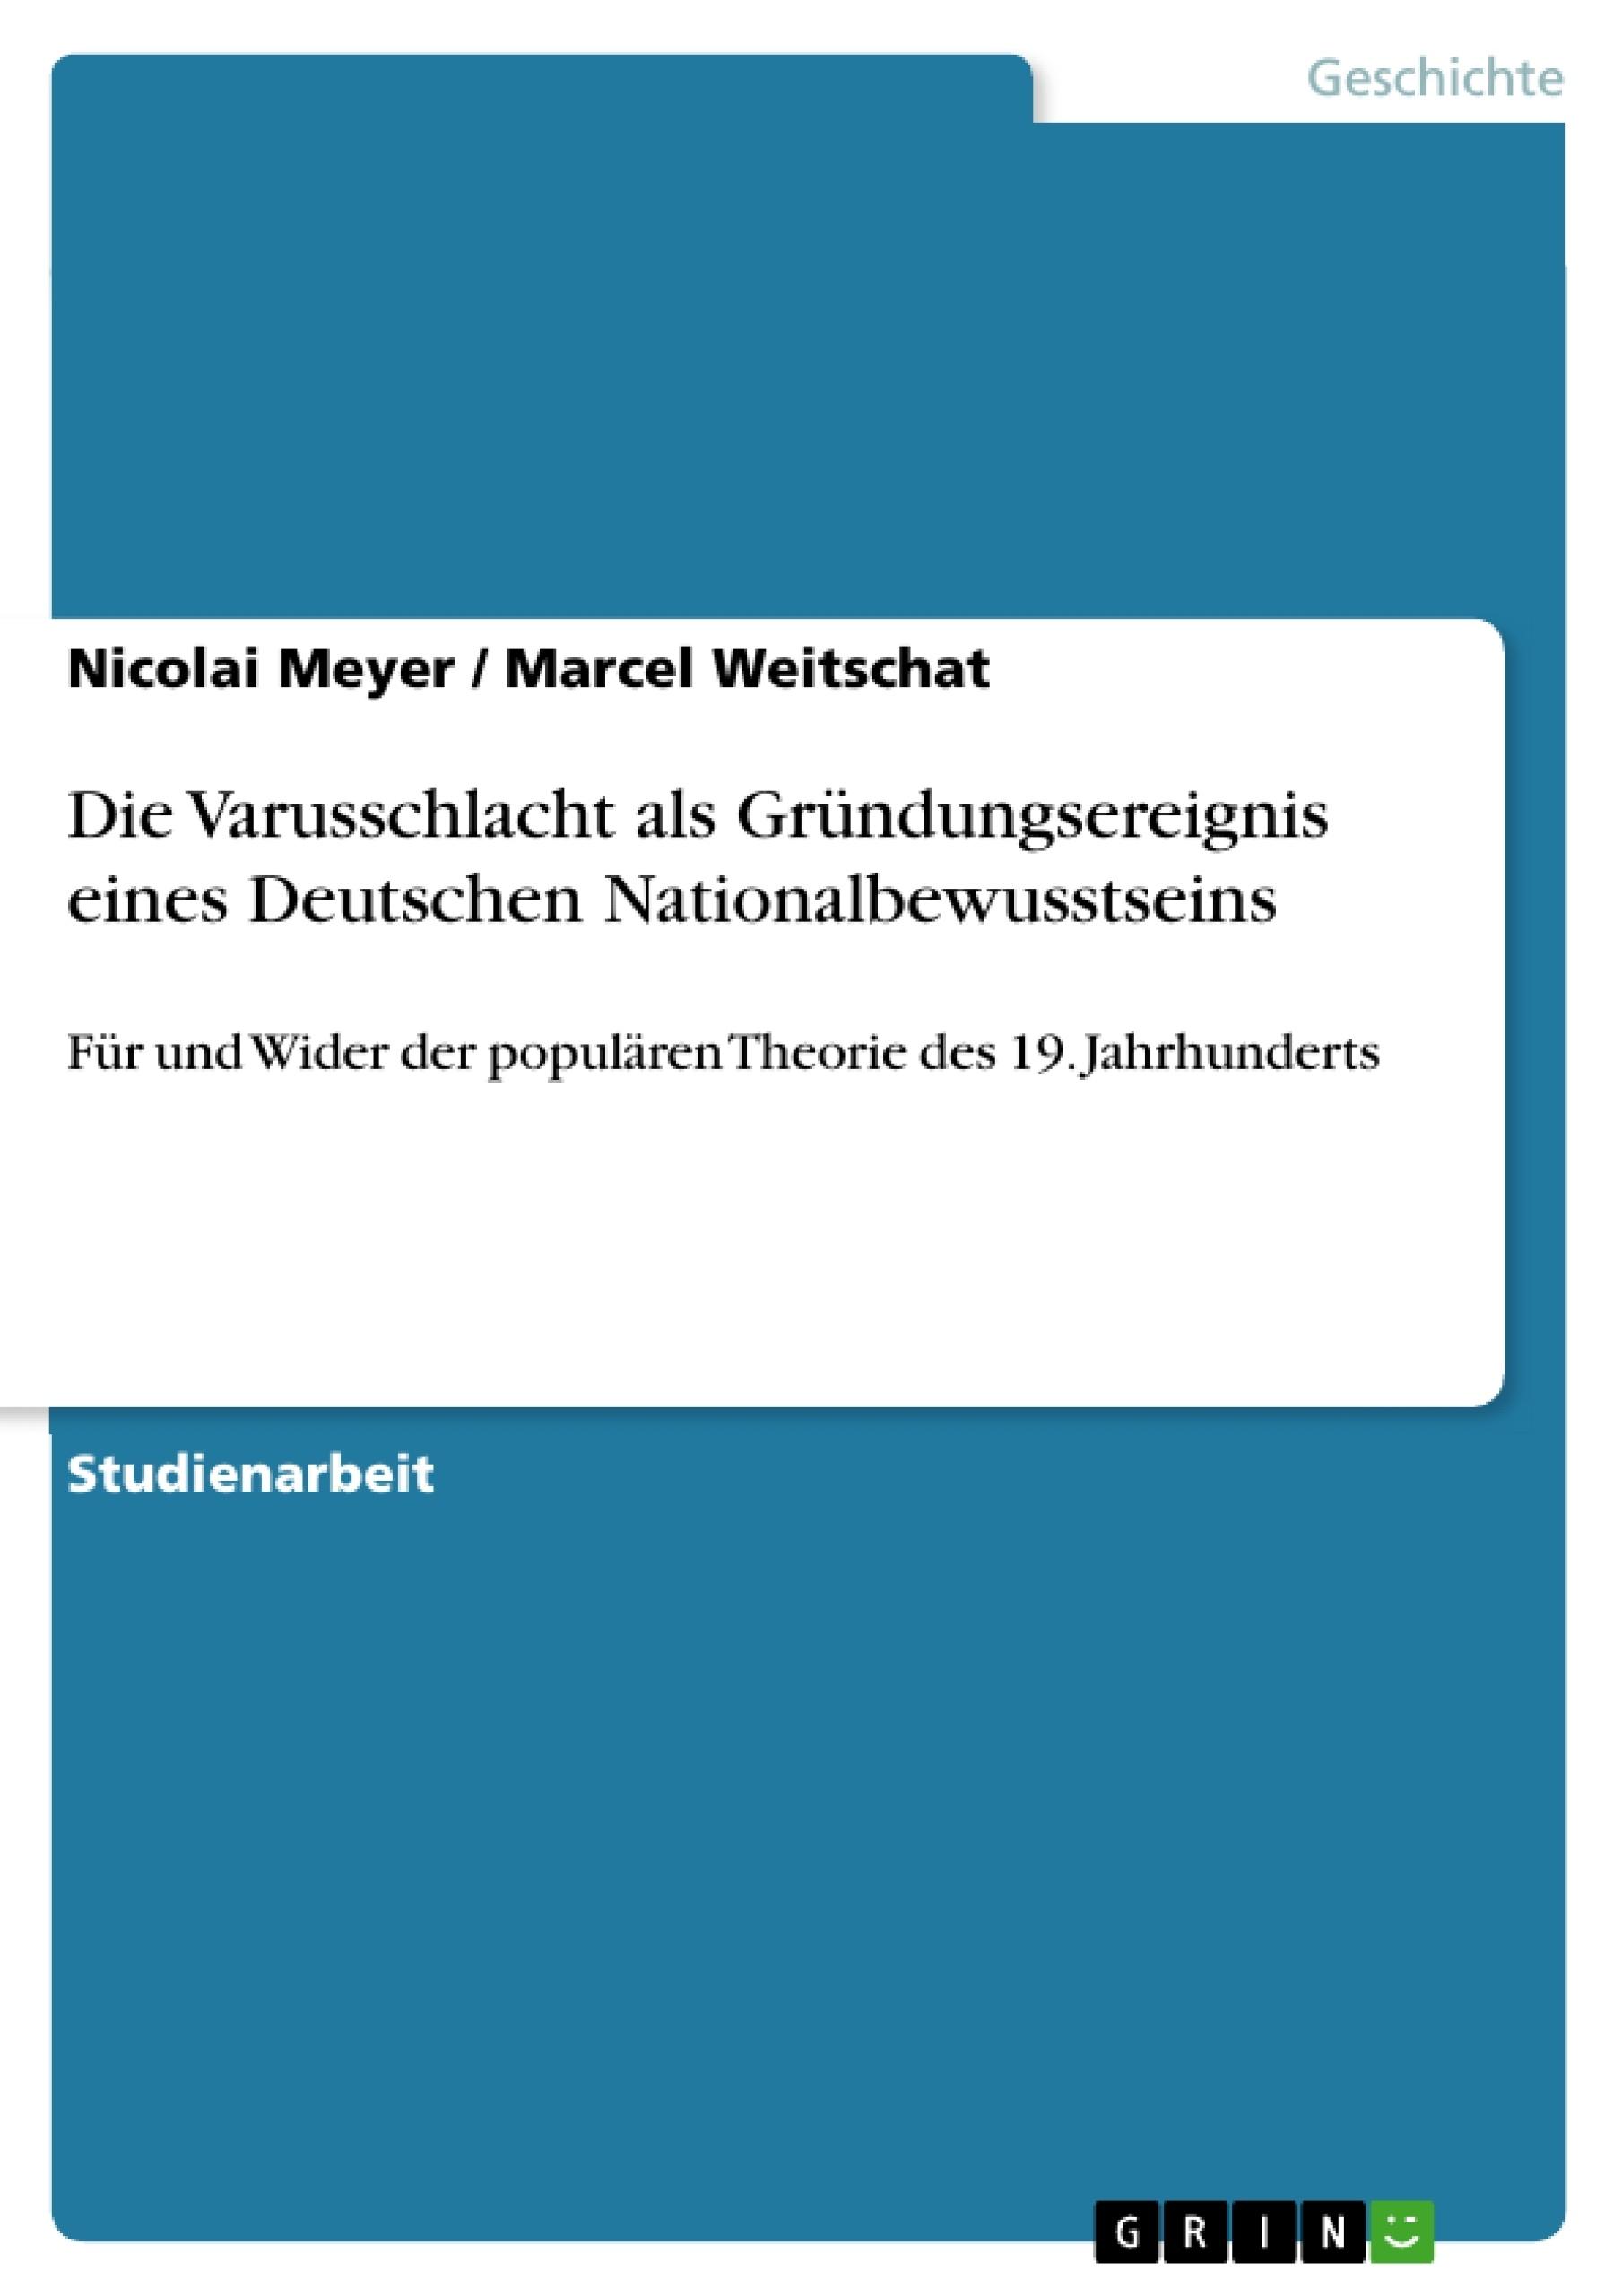 Titel: Die Varusschlacht als Gründungsereignis eines Deutschen Nationalbewusstseins